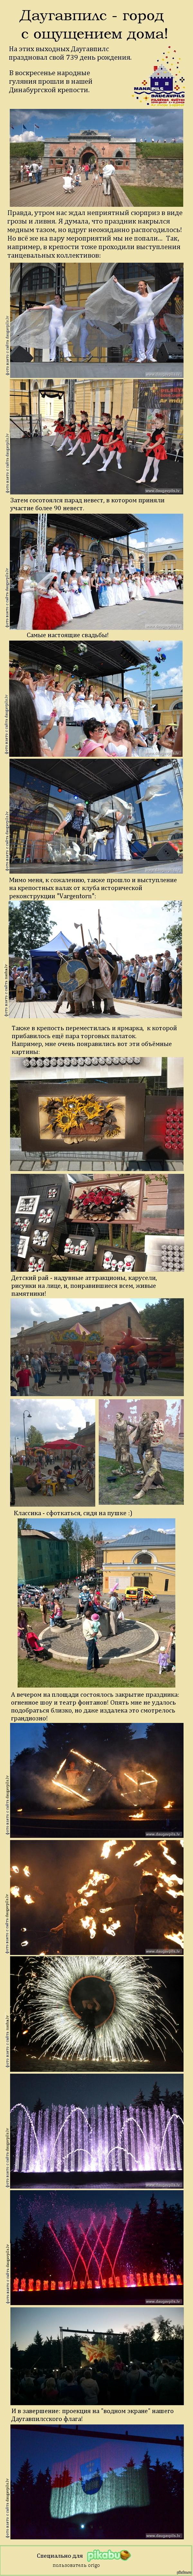 """День города в Даугавпилсе. Часть вторая, воскресенье. Продолжение поста  <a href=""""http://pikabu.ru/story/den_goroda_v_daugavpilse_chast_pervaya_subbotnyaya_2366630"""">http://pikabu.ru/story/_2366630</a>"""